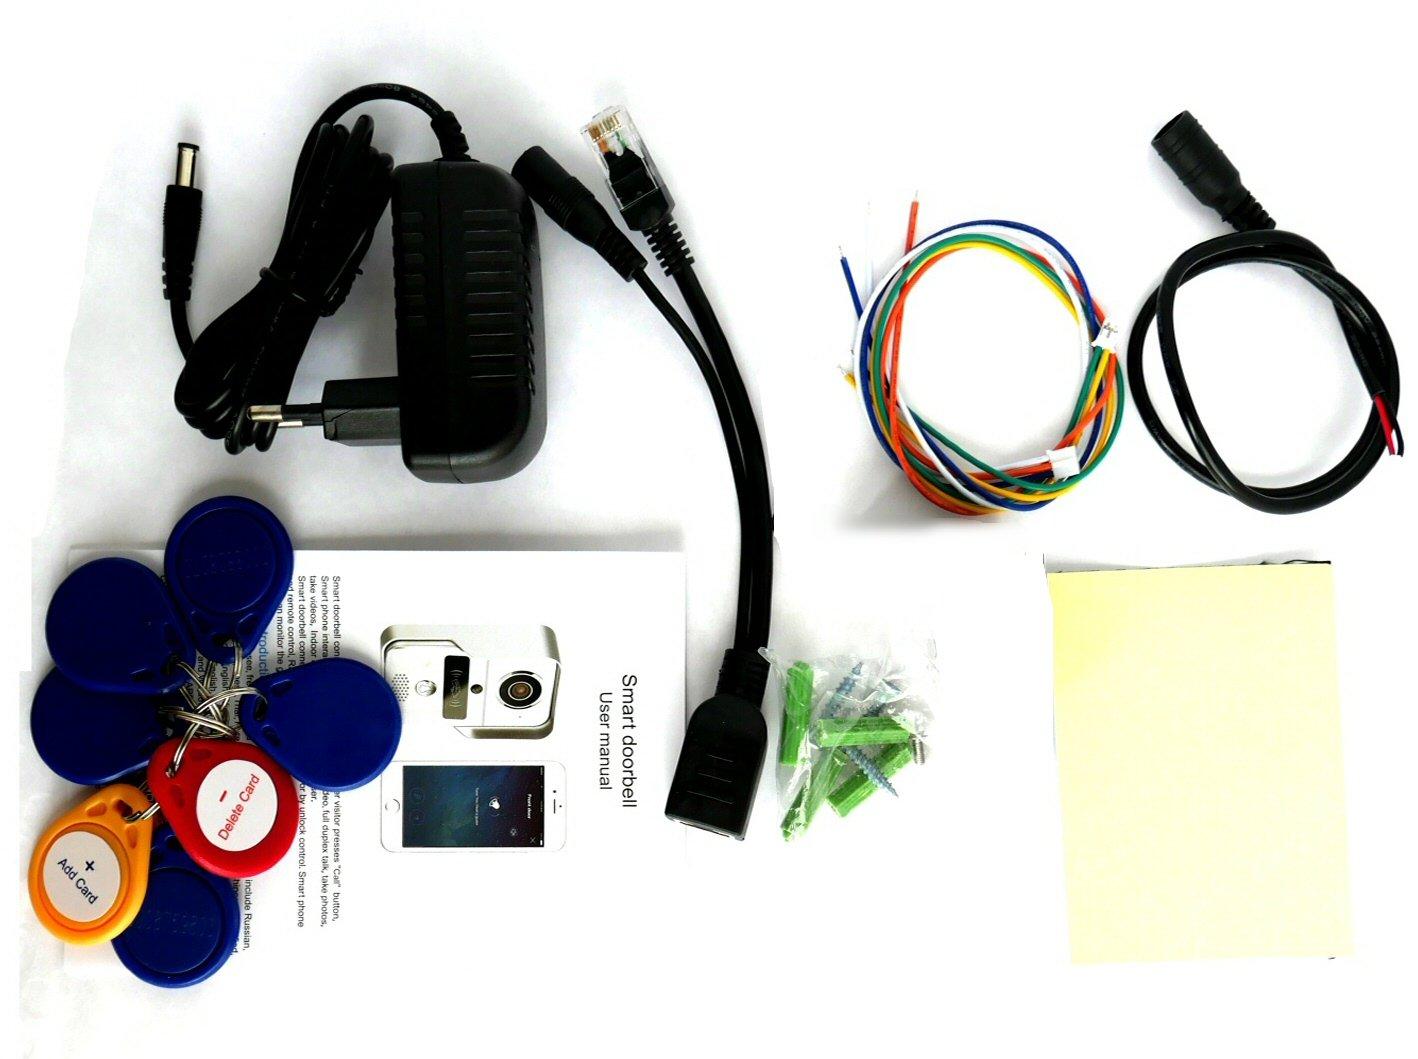 lecteur RFID Sonnette 433Mhz Portier audio et vid/éo KONX 720p Wi-Fi d/étecteur de mouvement